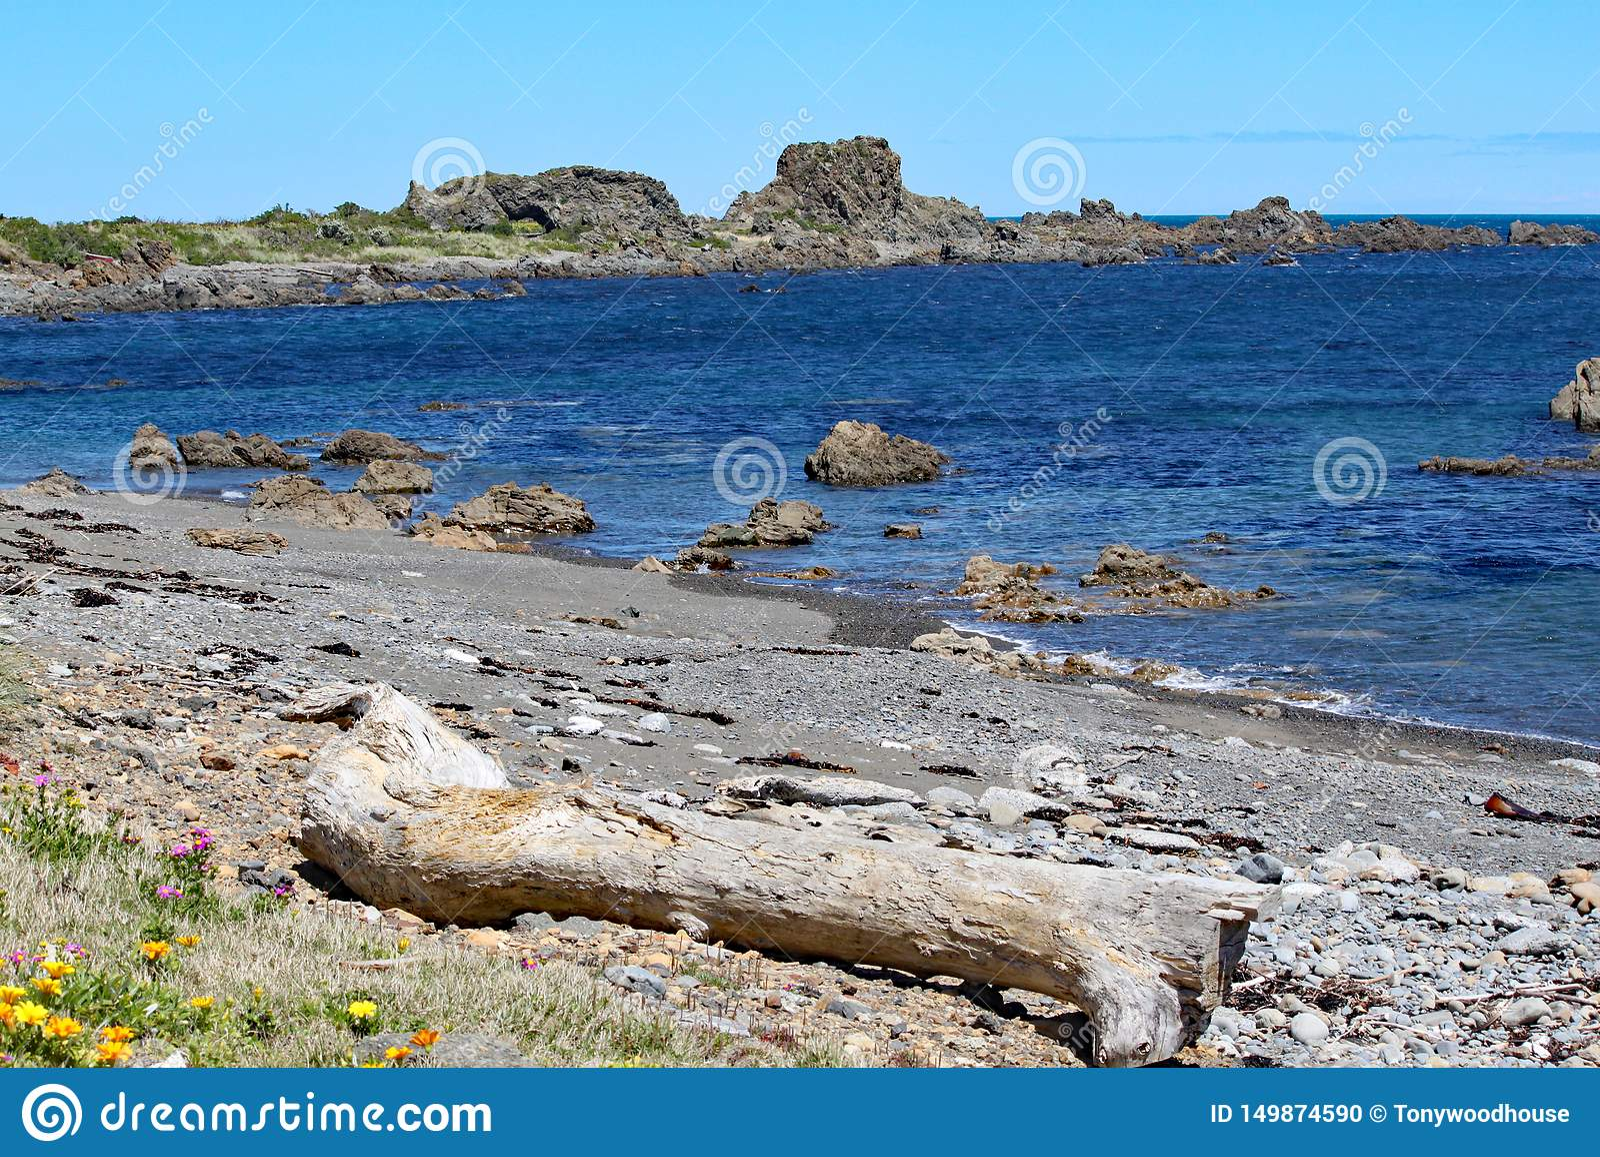 De ruwe rotsen steken uit in het kalme overzees uit bij een verlaten strand op de Kok Strait dichtbij Wellington, Nieuw Zeeland